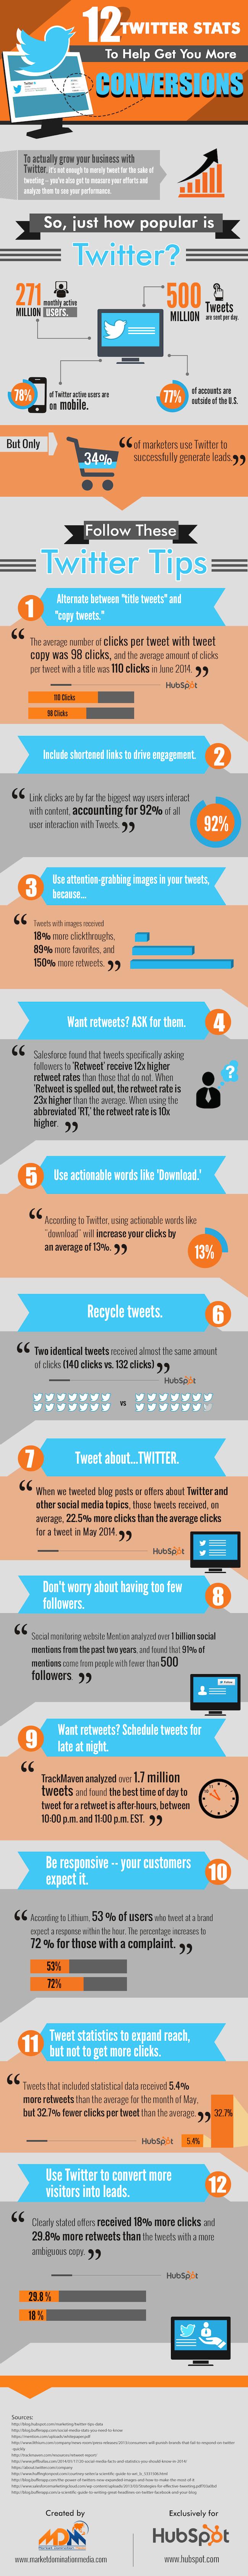 Twitter Conversion Data HubSpot